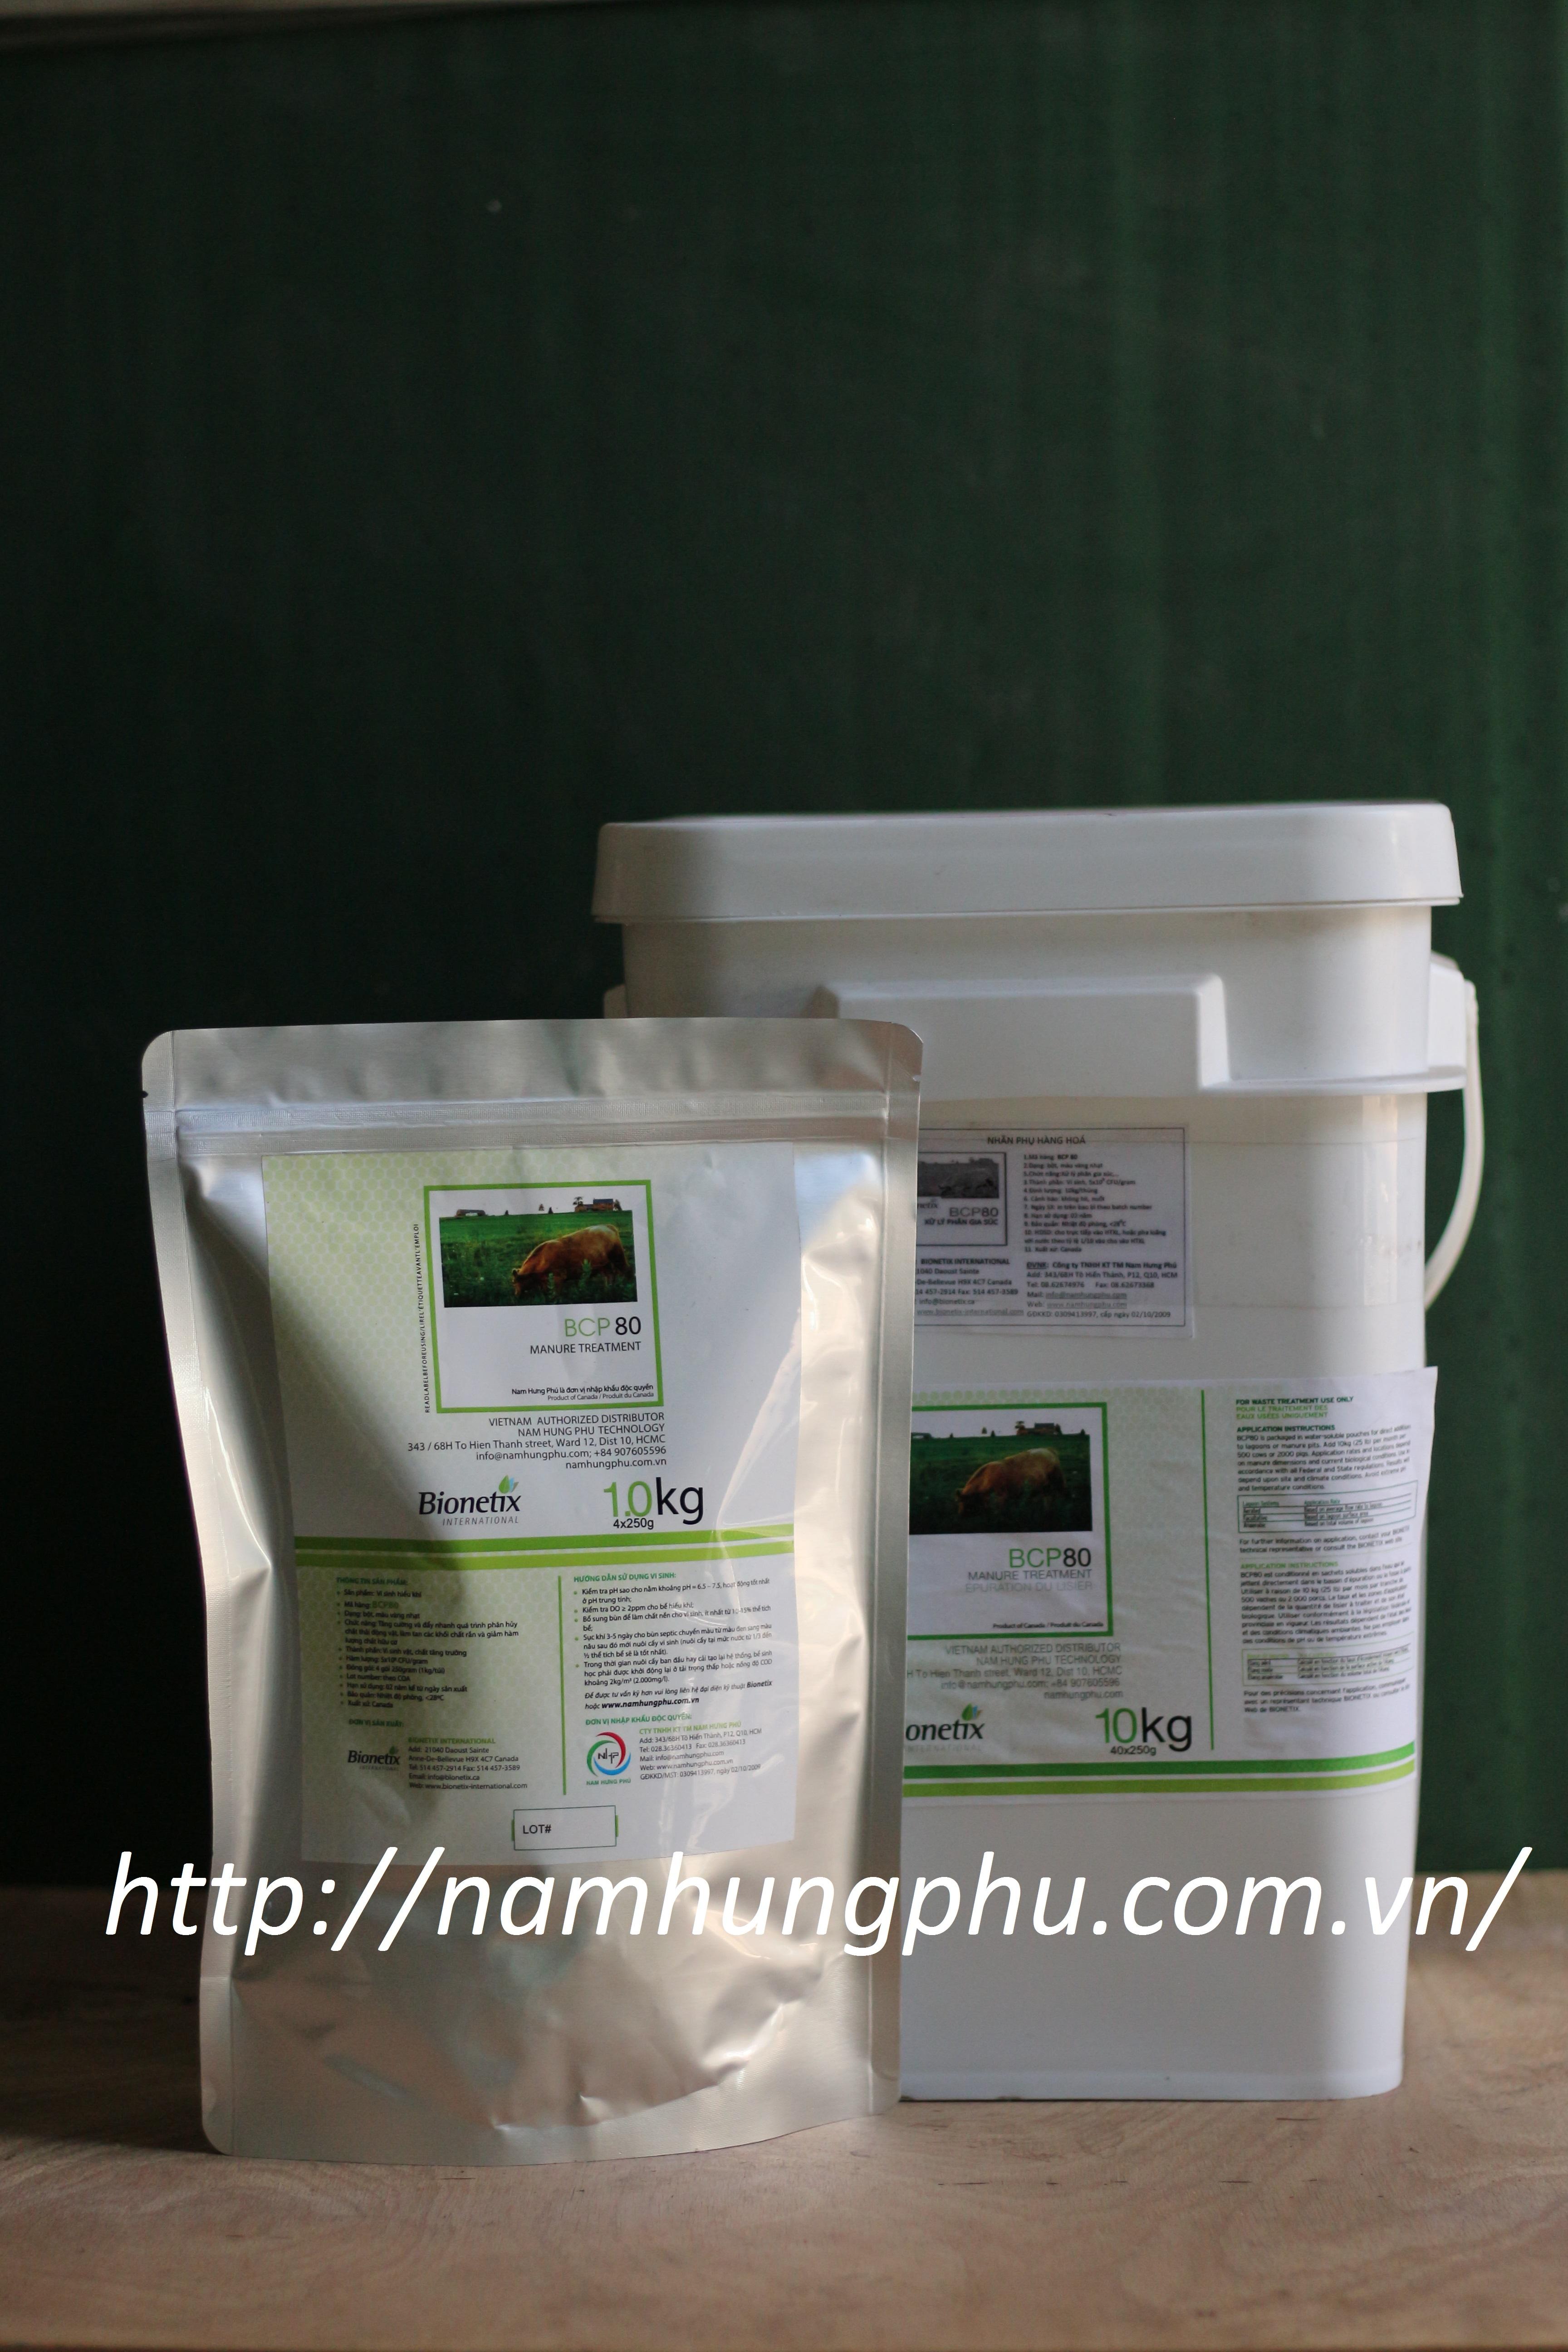 Men vi sinh xử lý nước thải cho trang trại chăn nuôi BCP80 (Bionetix)